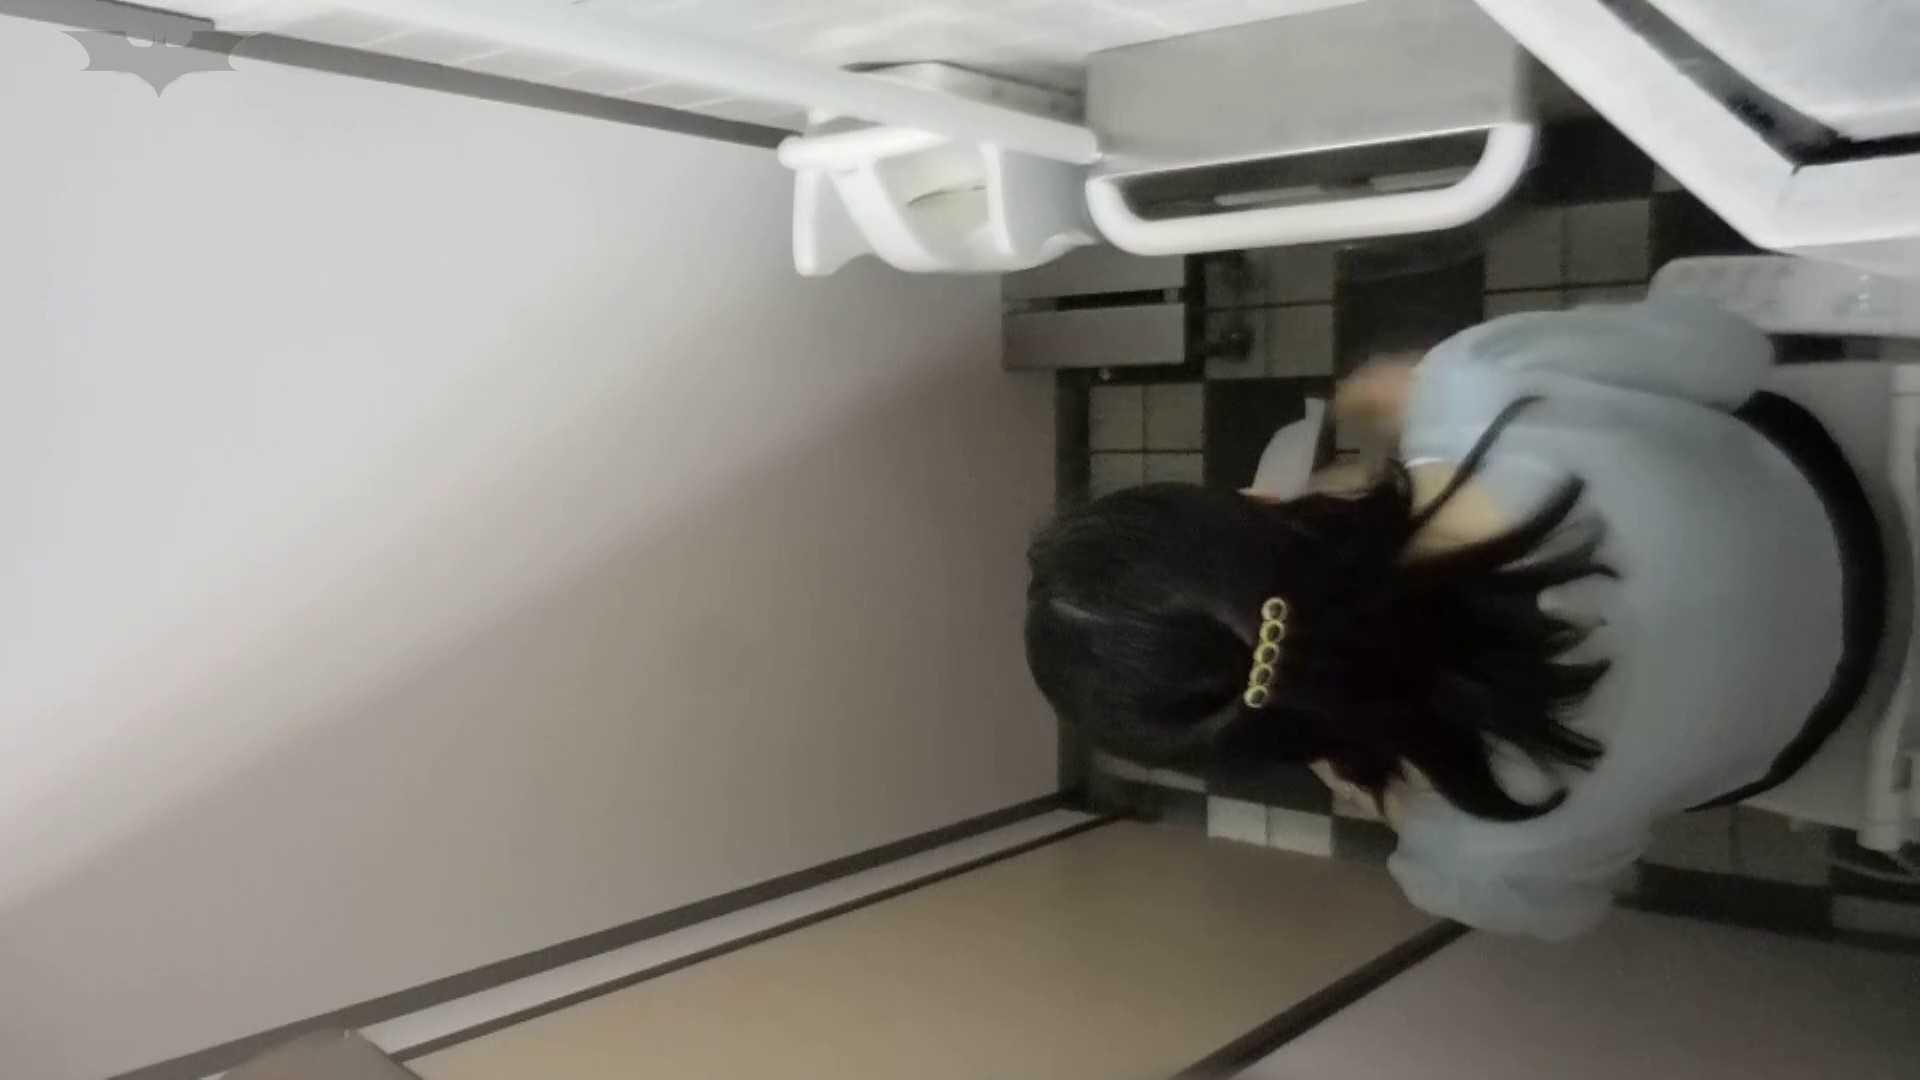 化粧室絵巻 駅舎編 VOL.21 ヨリドリミドリ!!選びたい放題です。 高画質動画 AV無料動画キャプチャ 105画像 44